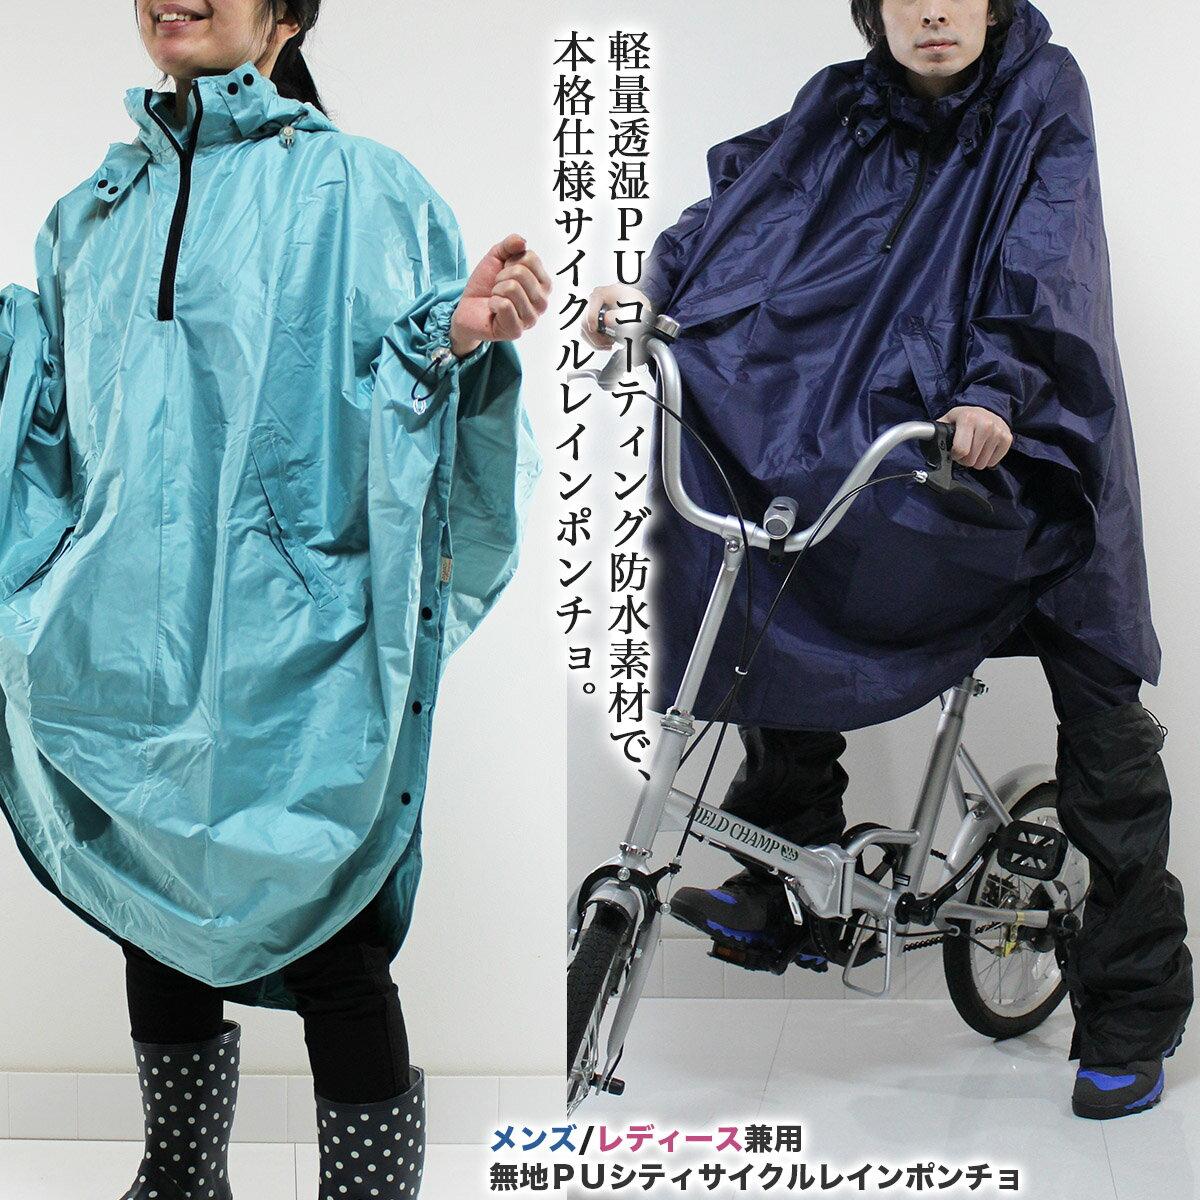 nifty colors 無地PUシティサイクルレインポンチョレインウェア レディース/メンズ兼用[全4色/ピンク/ブルー/ネイビー/ブラック][フリーサイズ:着丈102cm]軽量・透湿素材/PUコーティング/雨具/カッパ/男女兼用